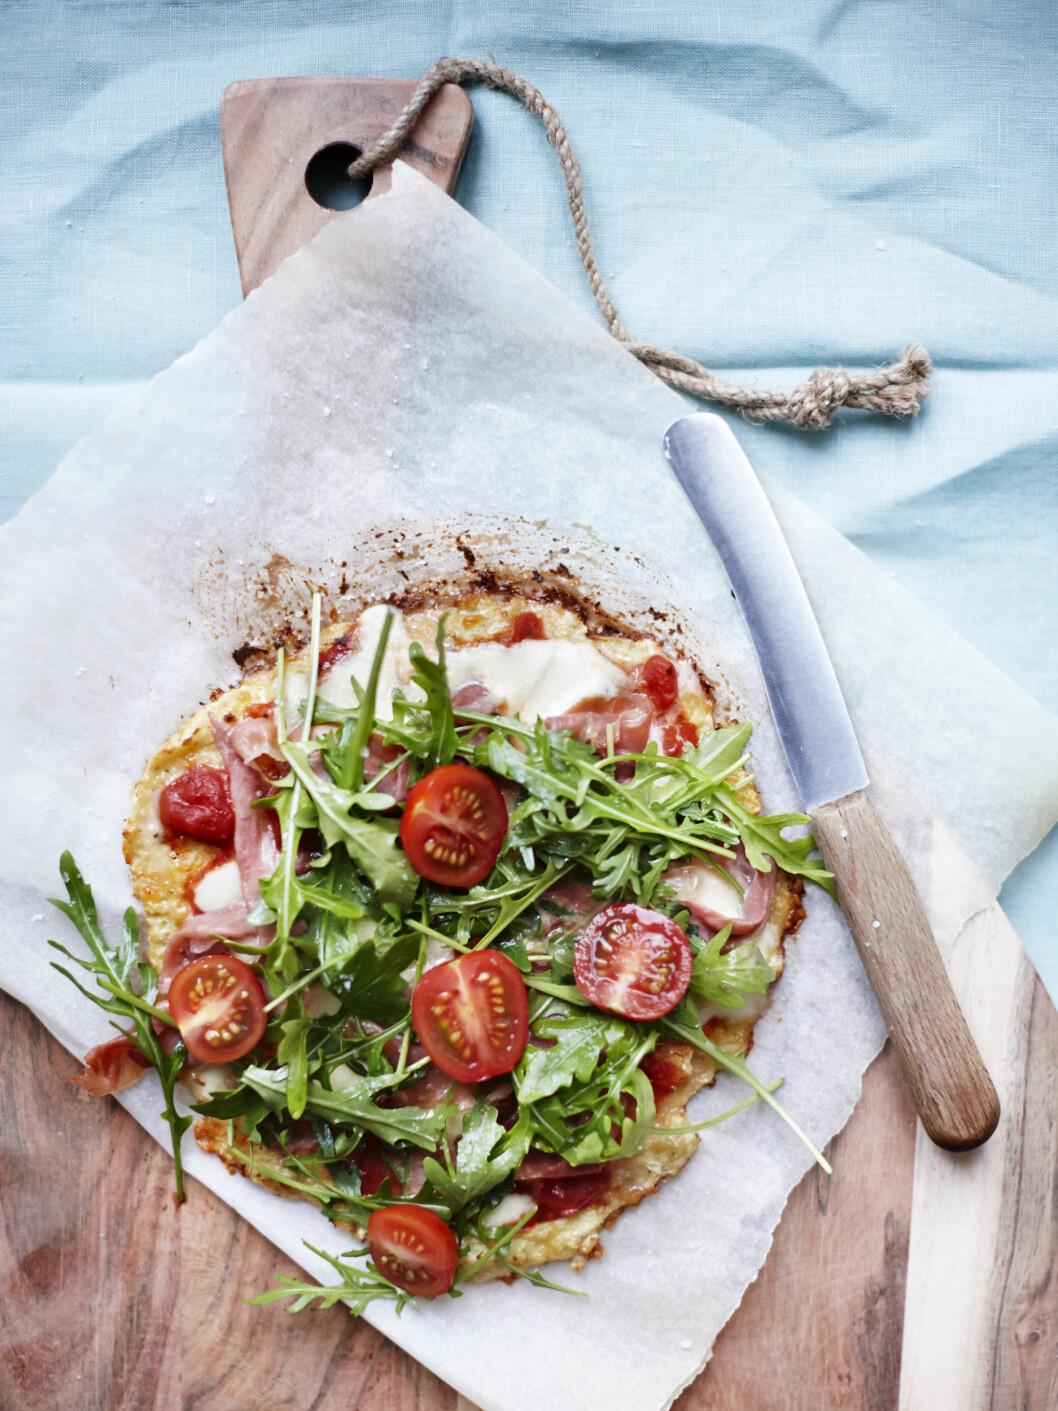 BLOMKÅLBUNN: Pizzabunn laget av blomkål? Ja, det går fint. Selvfølgelig er det ikke HELT det samme som en italiensk hvetemelsbunn, men smaken er virkelig god og pizzaaktig. Foto: All Over Press Denmark